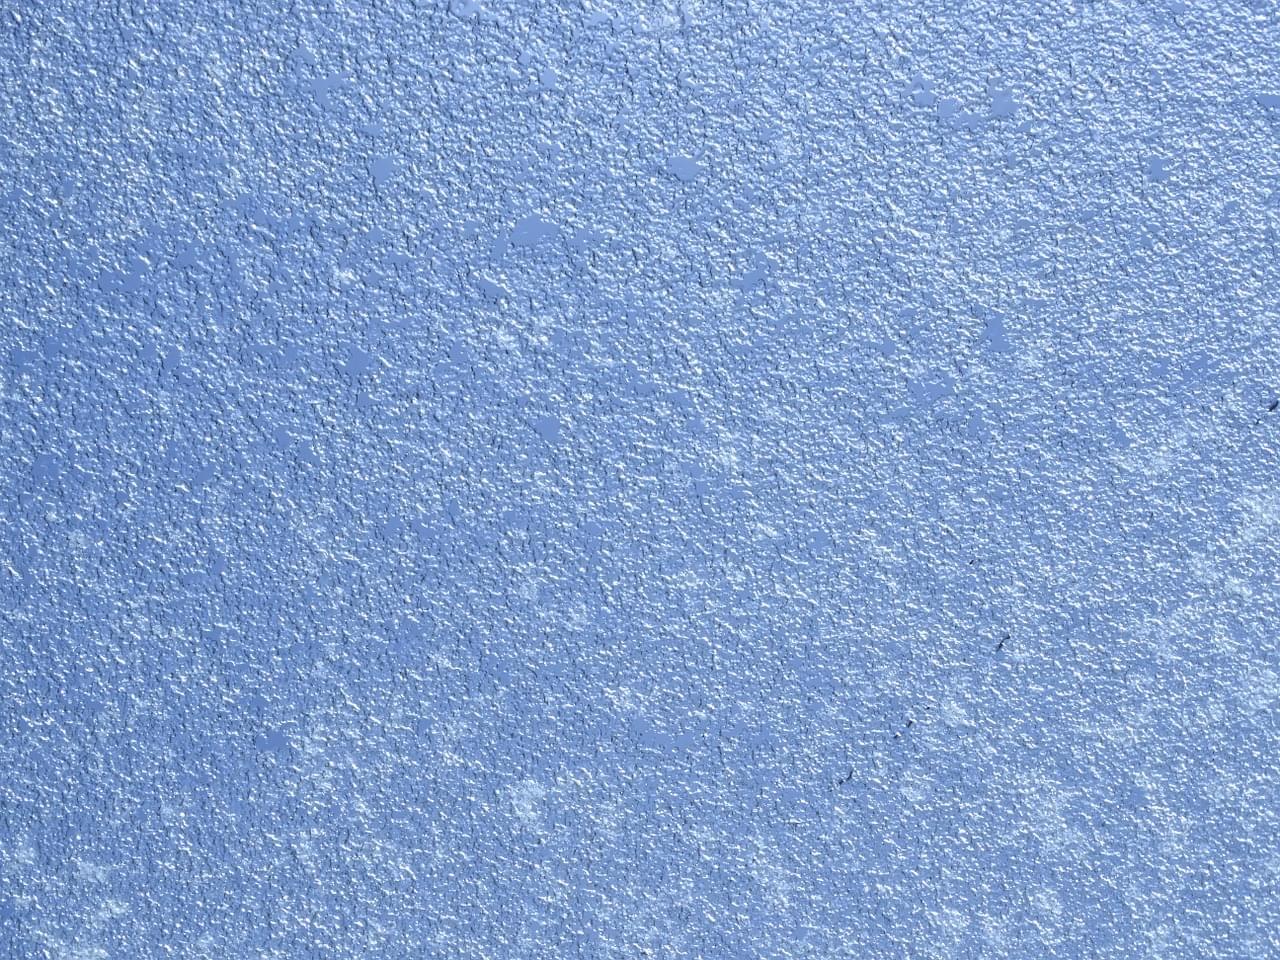 ice-618501_1280